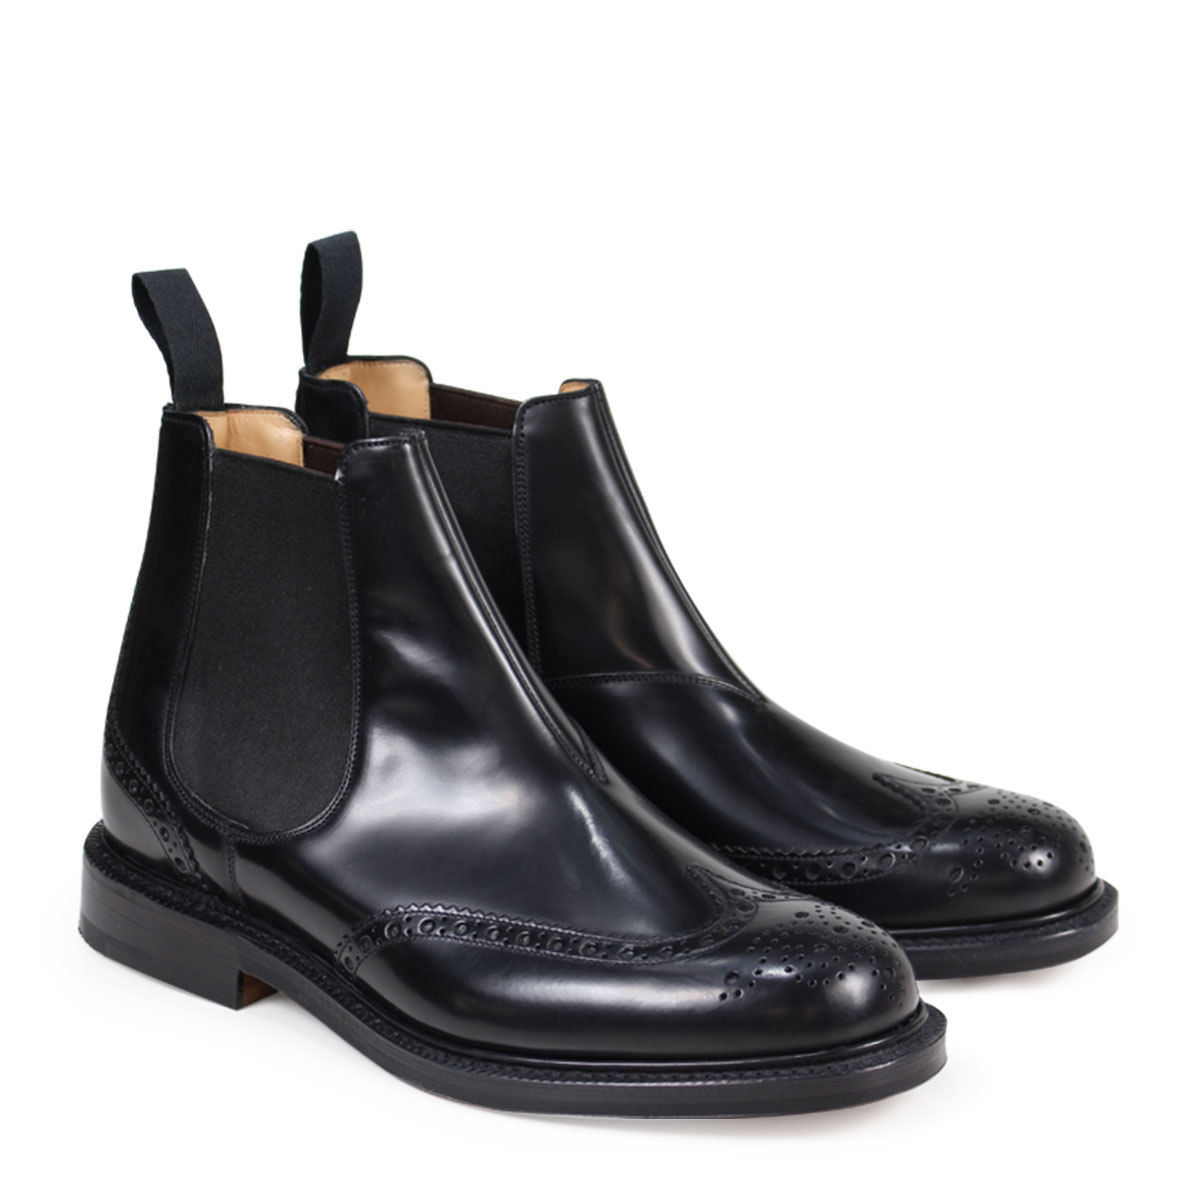 【送料無料】 【あす楽対応】 【25.5cm-28cm】 チャーチ Churchs ケッツビー KETSBY ブーツ Churchs KETSBY CHELSEA BOOTS チャーチ 靴 ブーツ サイドゴア ショートブーツ ウイングチップ メンズ ブラック ETB001